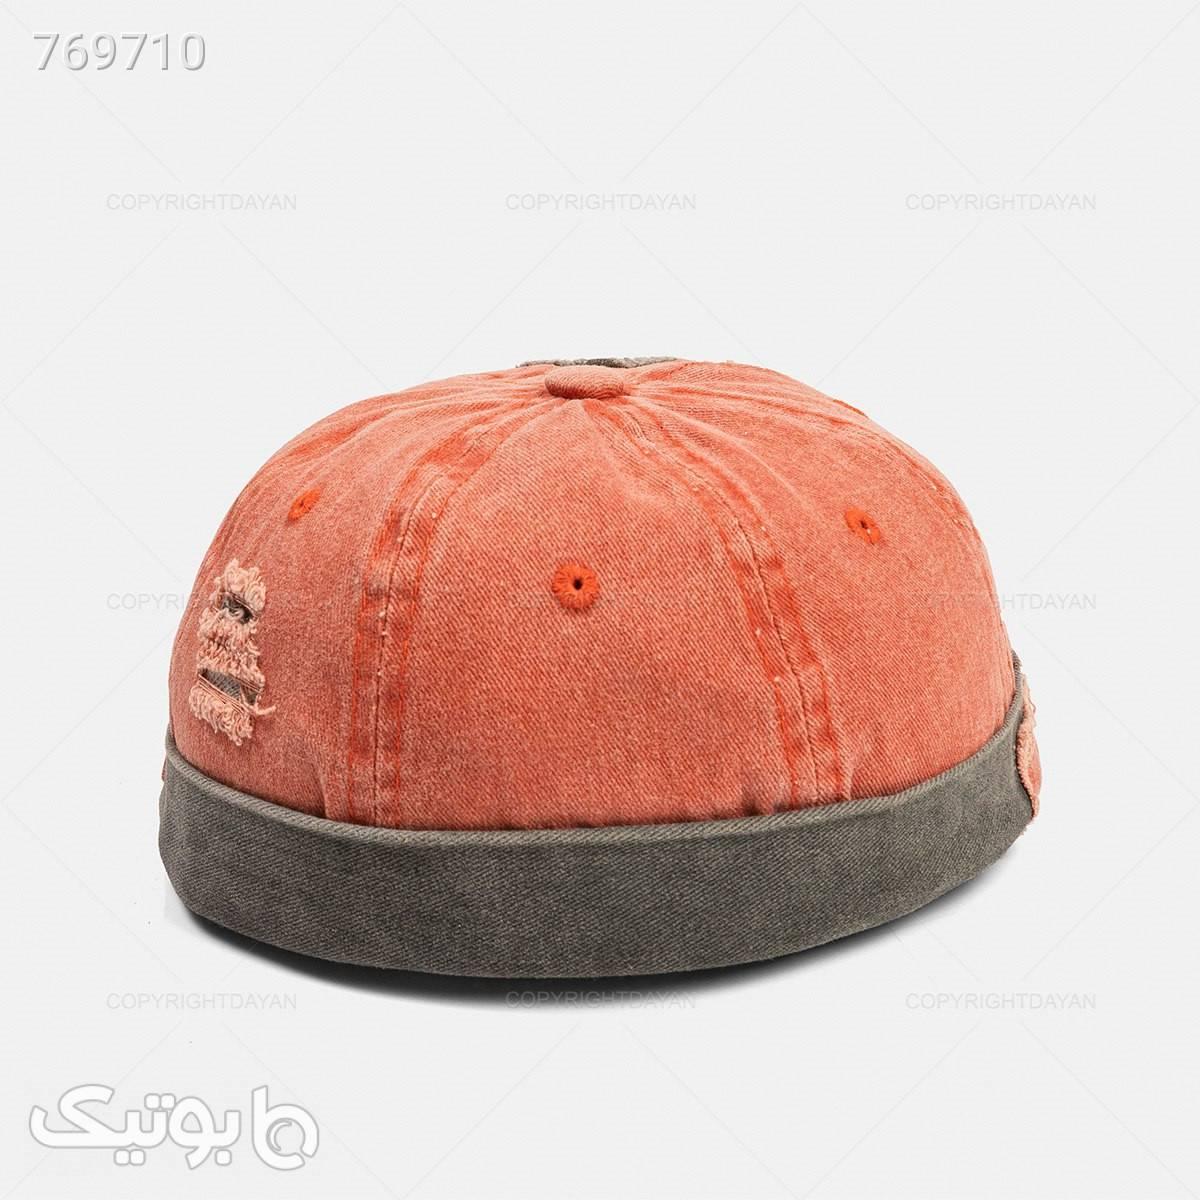 کلاه مردانه کیان مدل 19457 صورتی کلاه و اسکارف